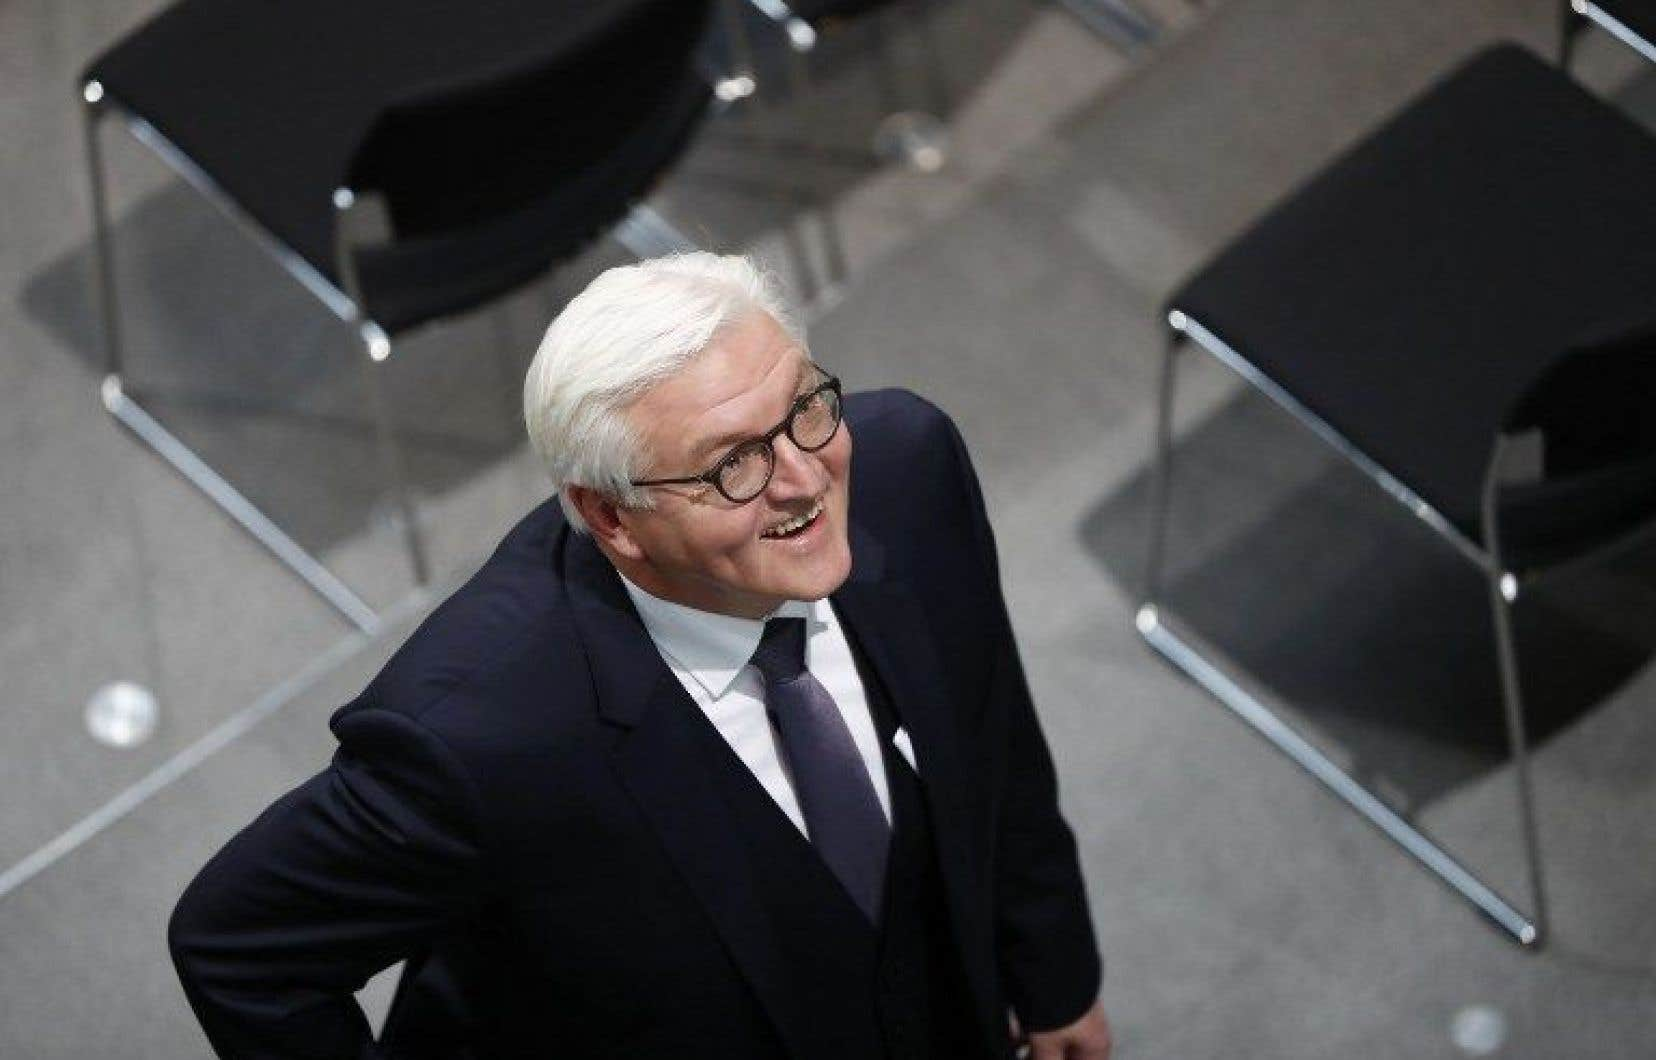 Frank-Walter Steinmeier était assuré de la victoire en raison du soutien de son parti et des démocrates-chrétiens de la chancelière Angela Merkel.